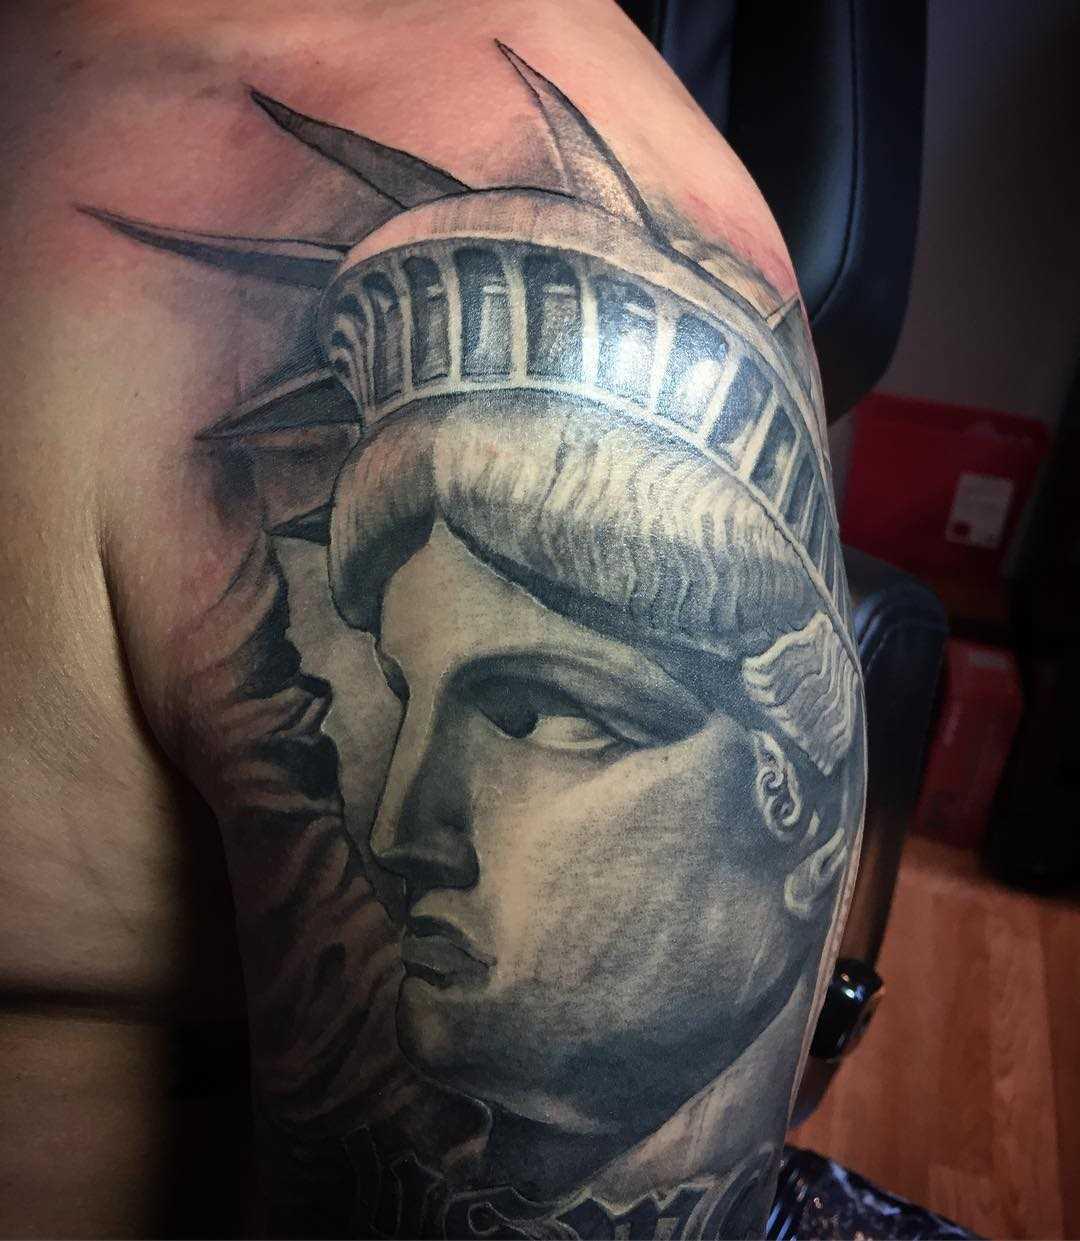 Imagem da estátua da liberdade no ombro de homens